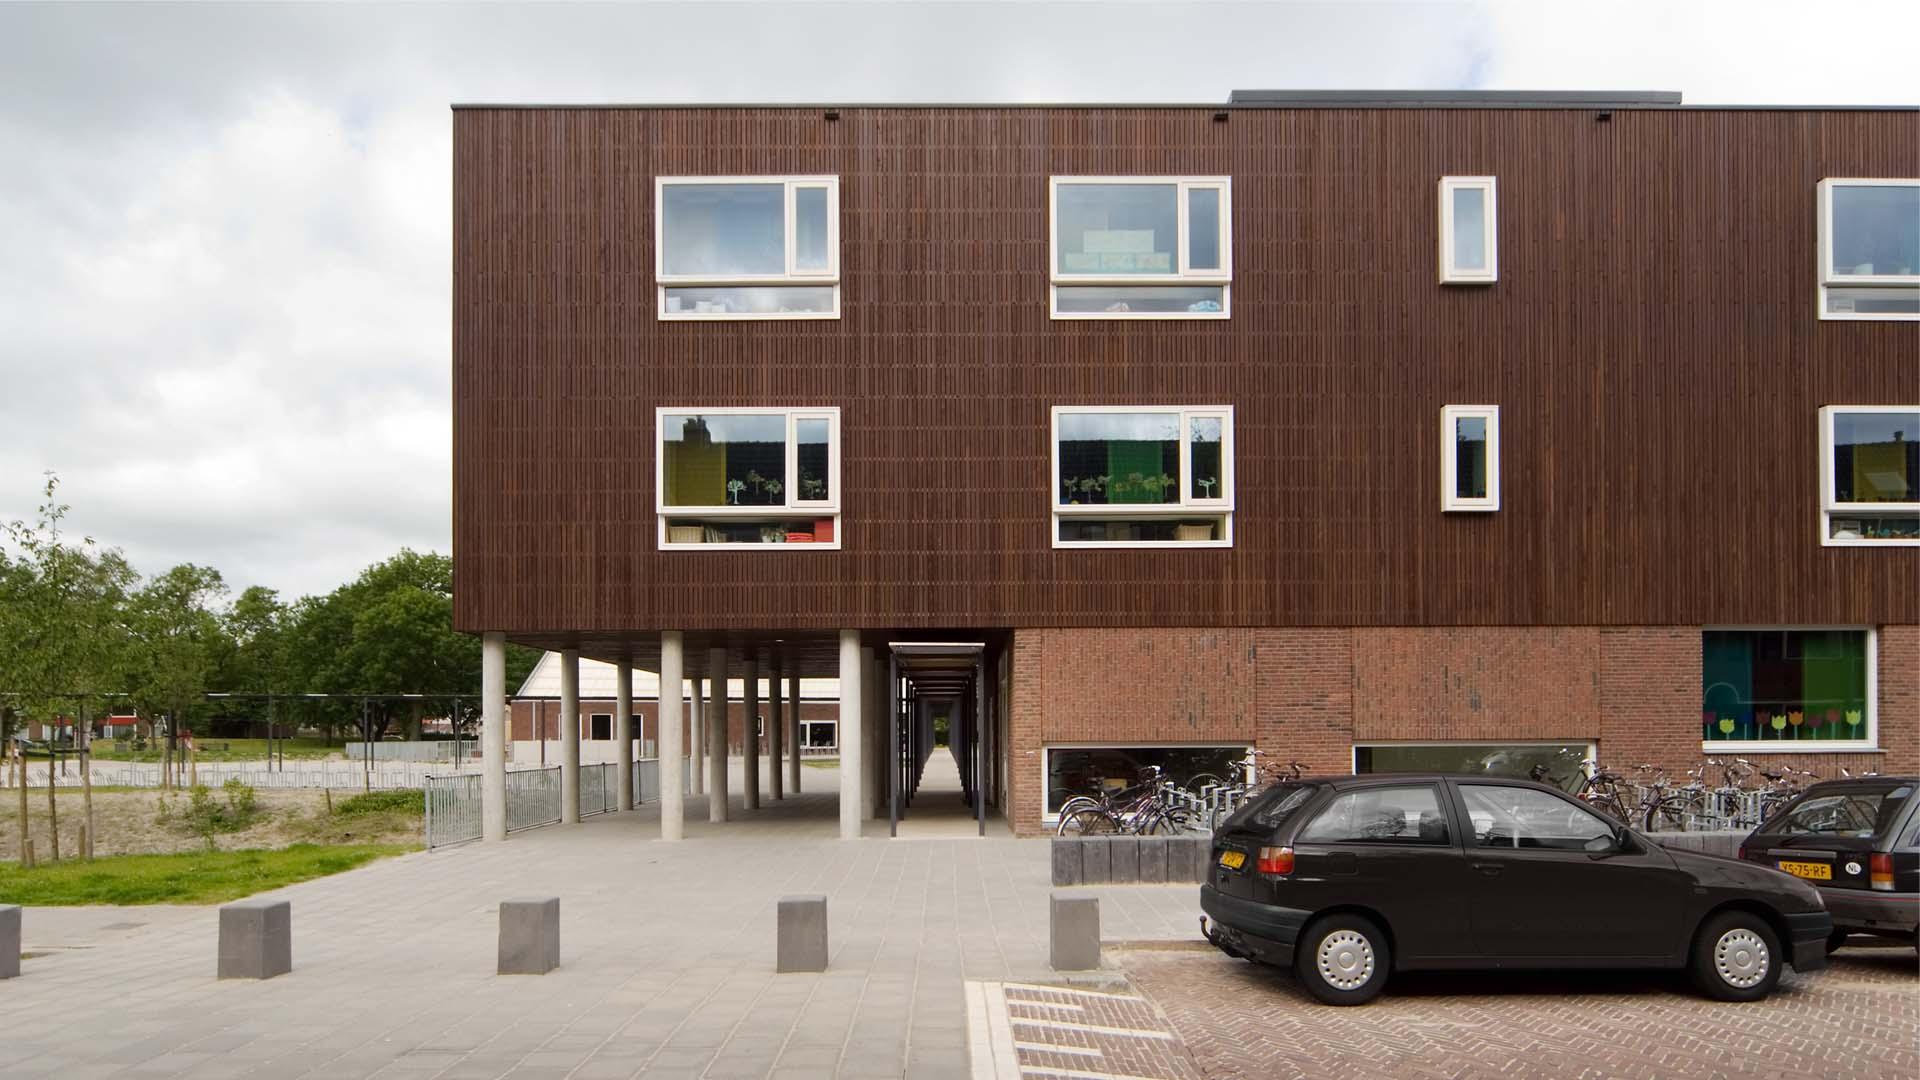 0243_Vensterschool Groningen_04